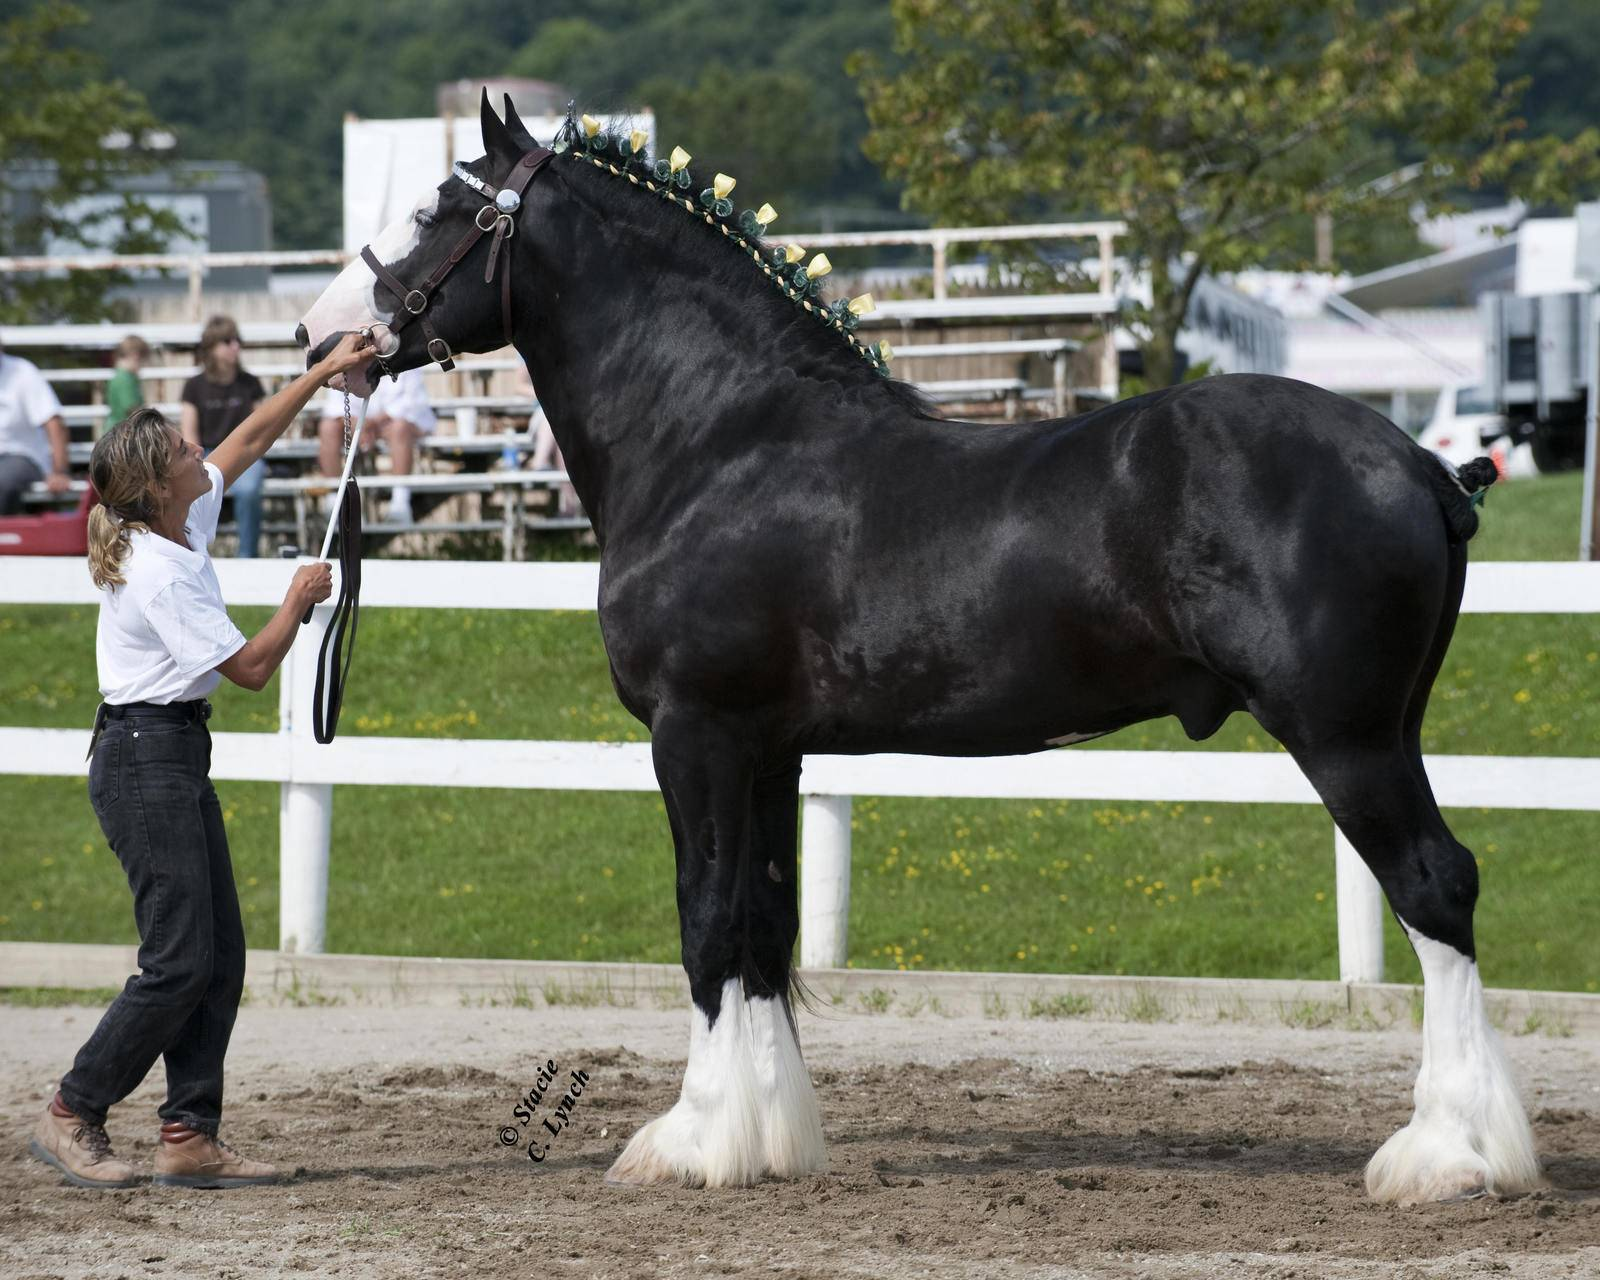 Белорусская упряжная лошадь: описание породы и специфика содержания